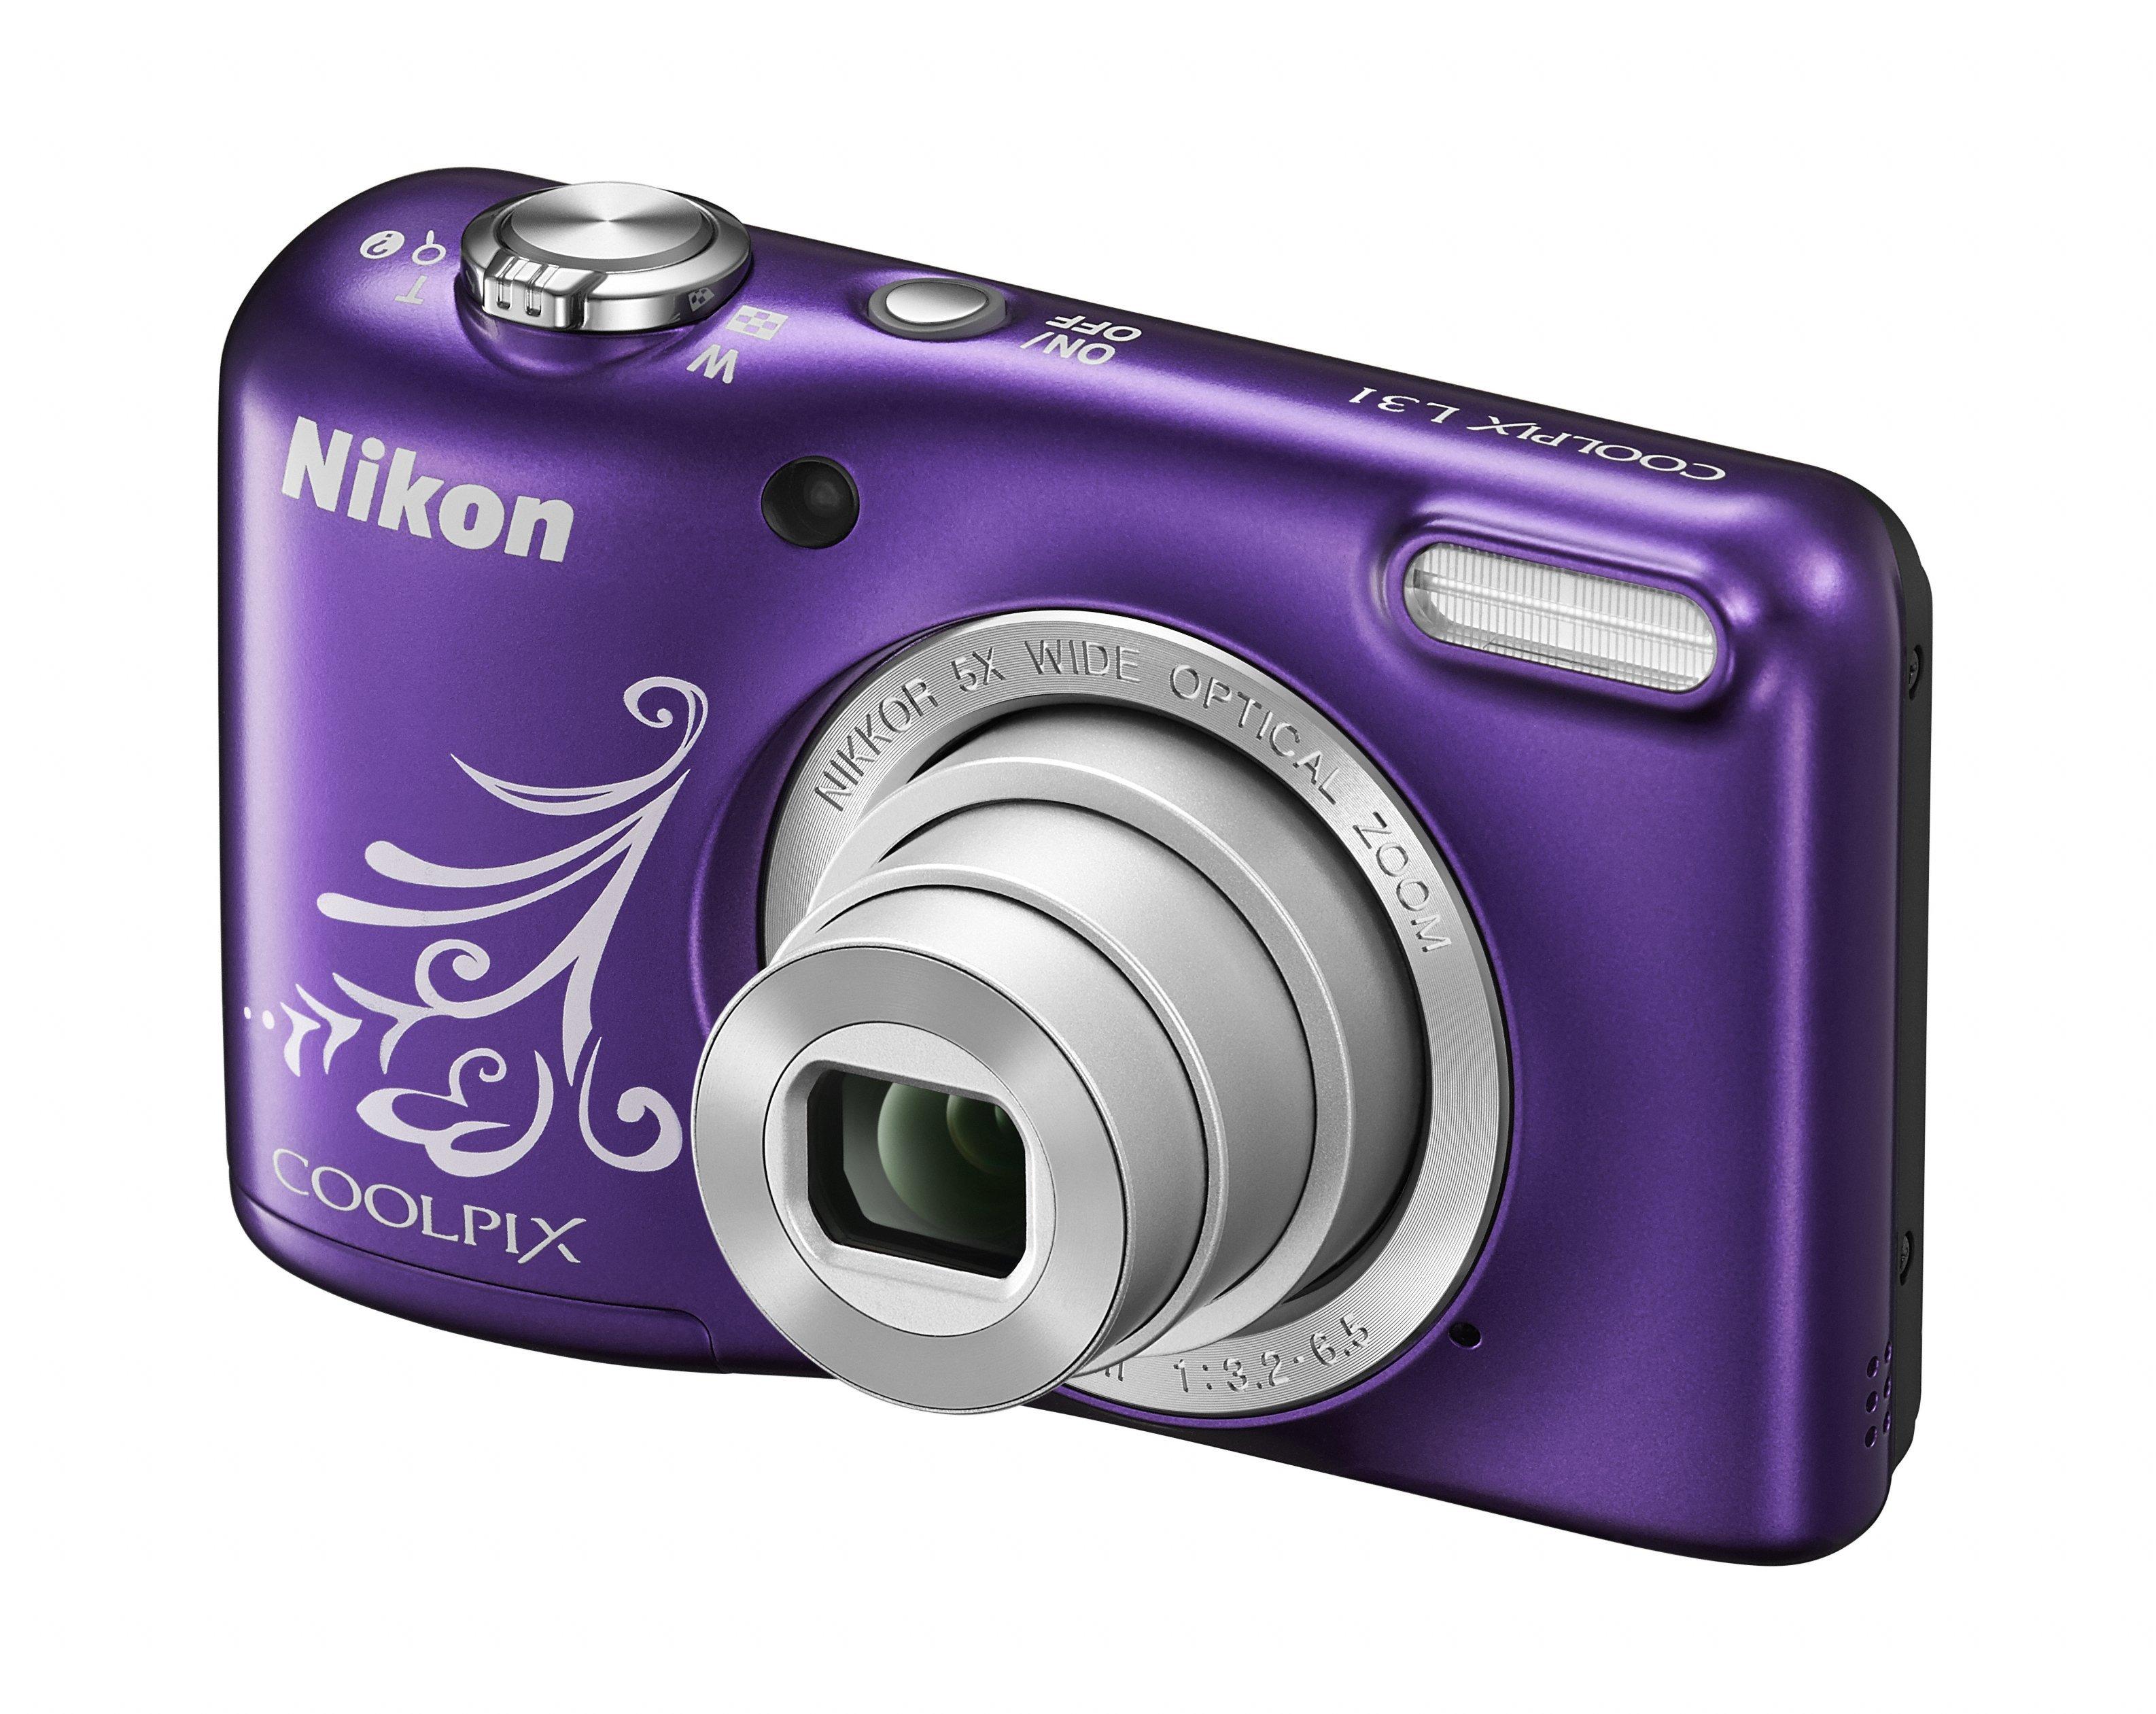 Novi Nikon Coolpix fotoaparati podpirajo vašo družabnost